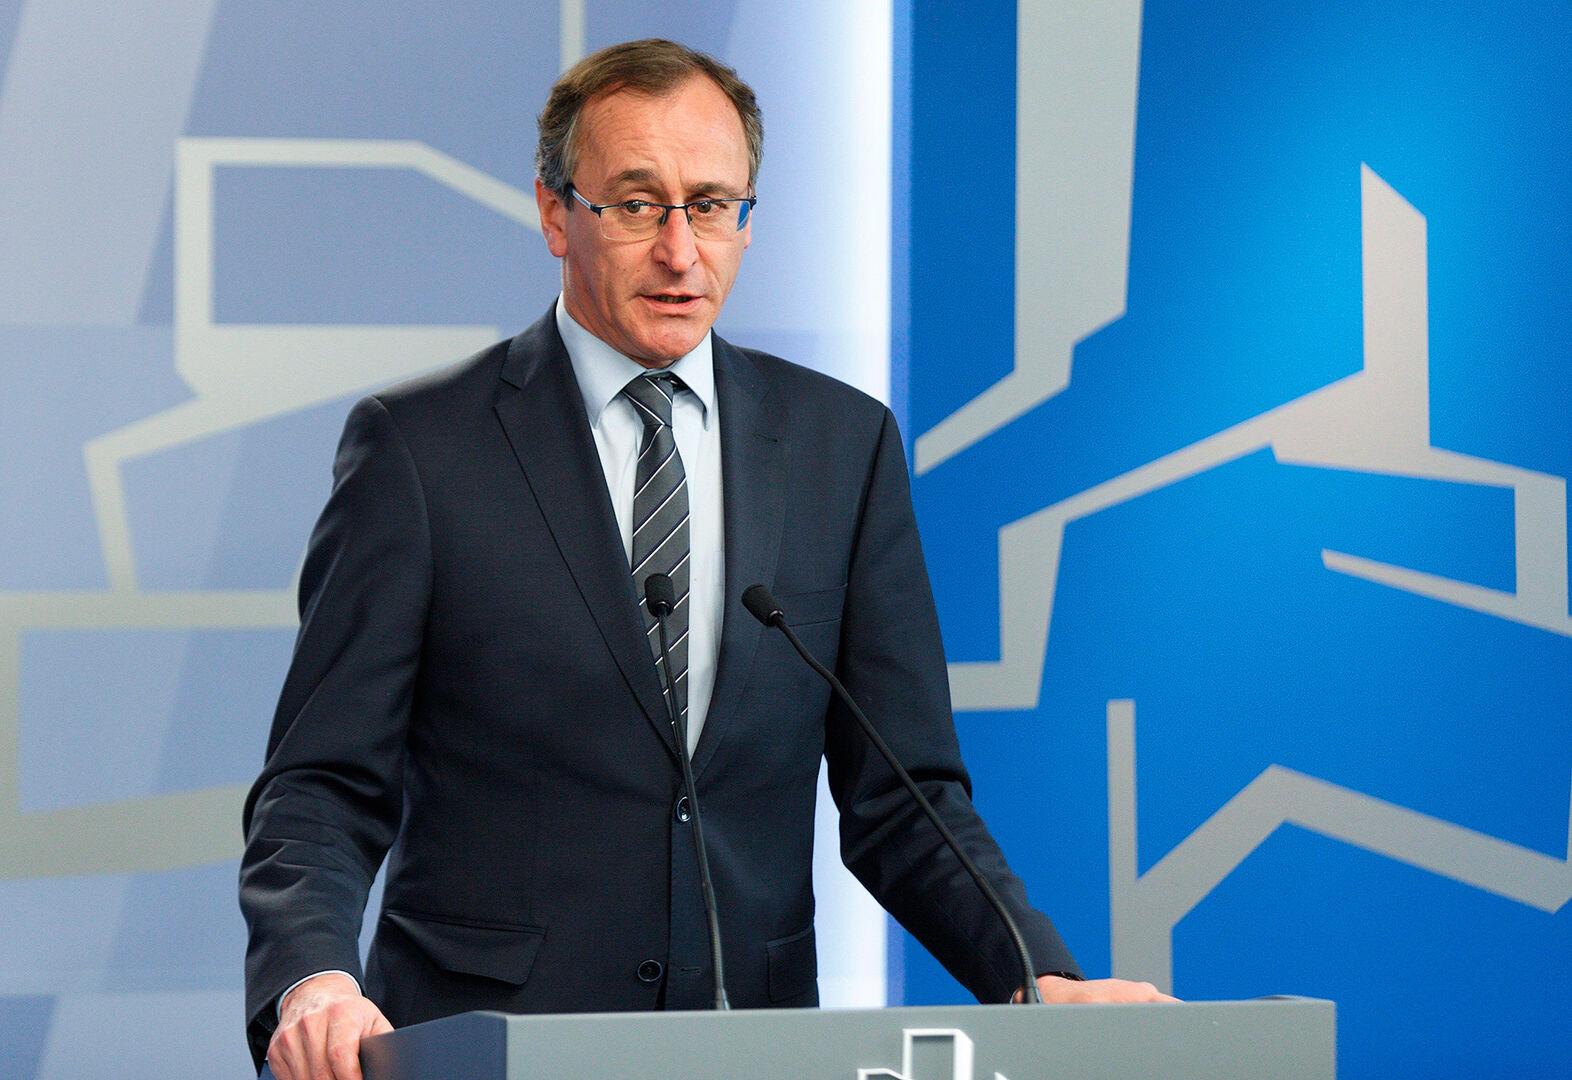 [Gobierno] Rueda de Prensa del Ministro de Sanidad en Funciones, Alfonso Alonso Alfonso-alonso14032019